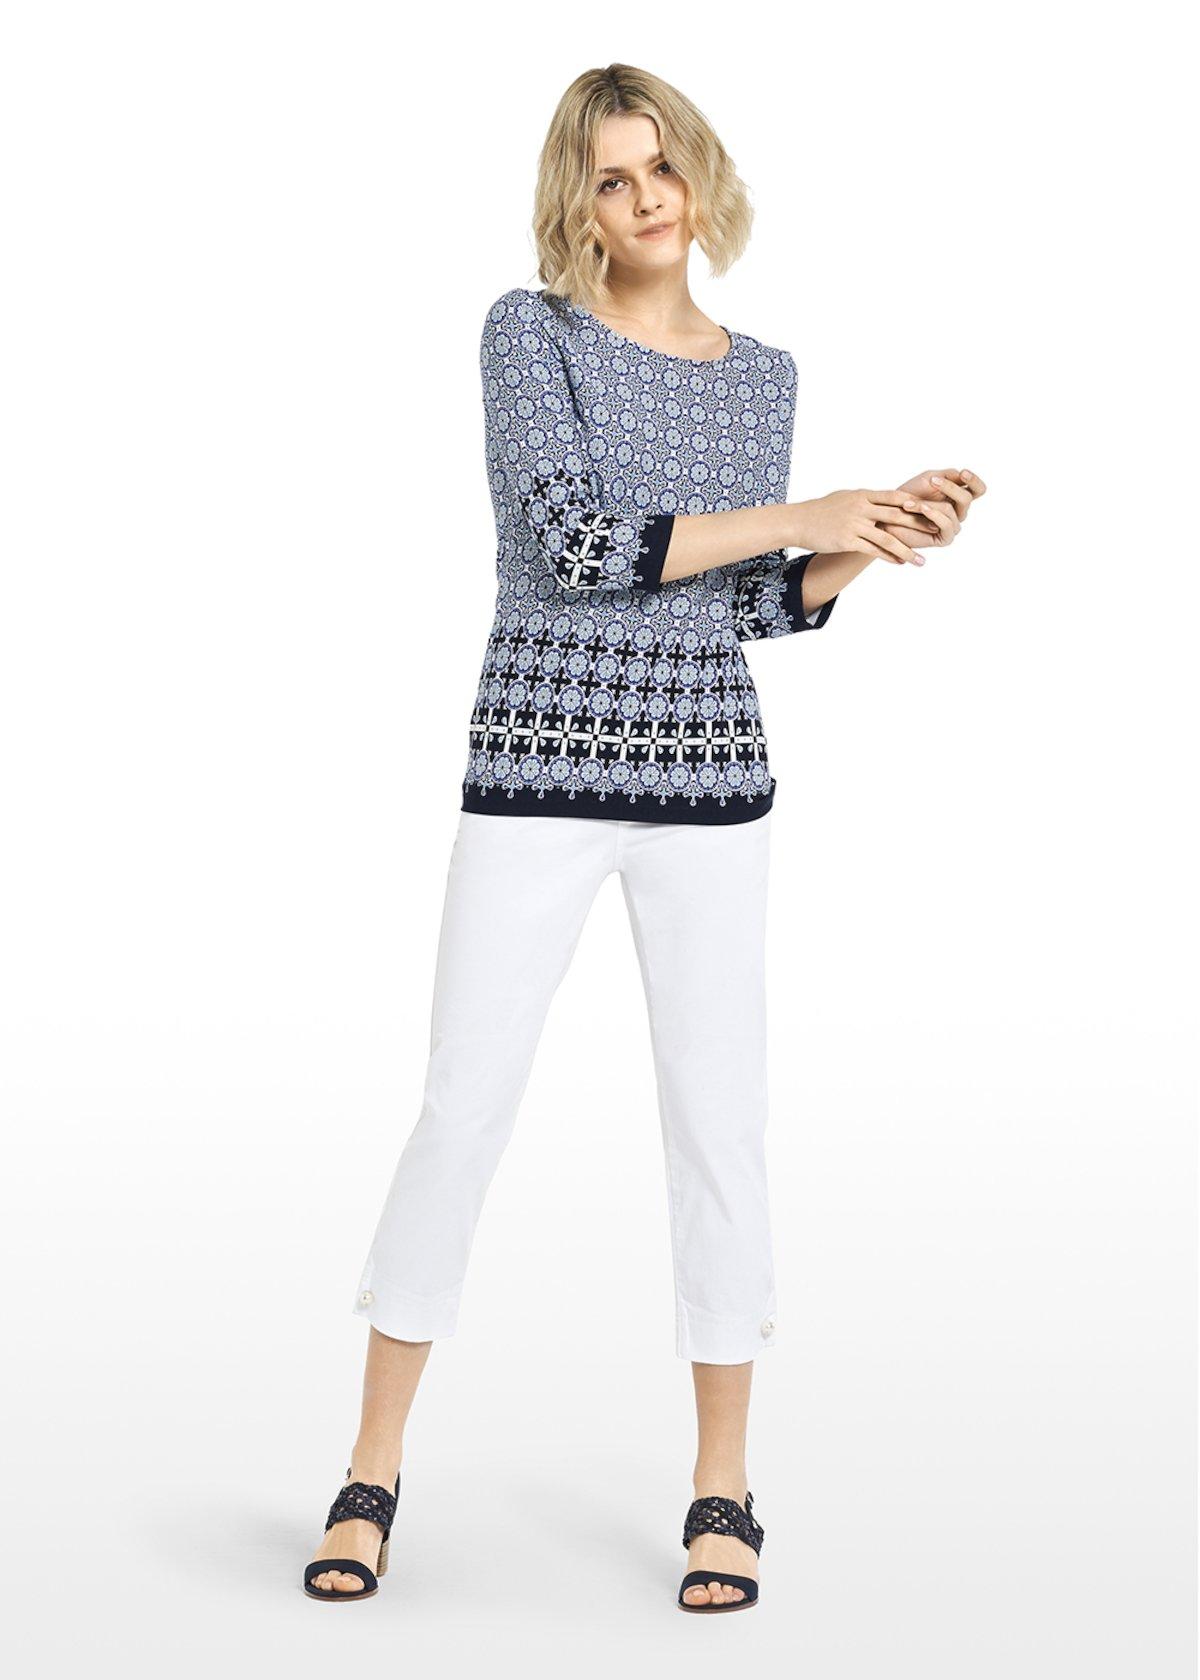 T-shirt Saril in jersey fantasia all-over ceramica - Linen / White / Fantasia - Donna - Immagine categoria